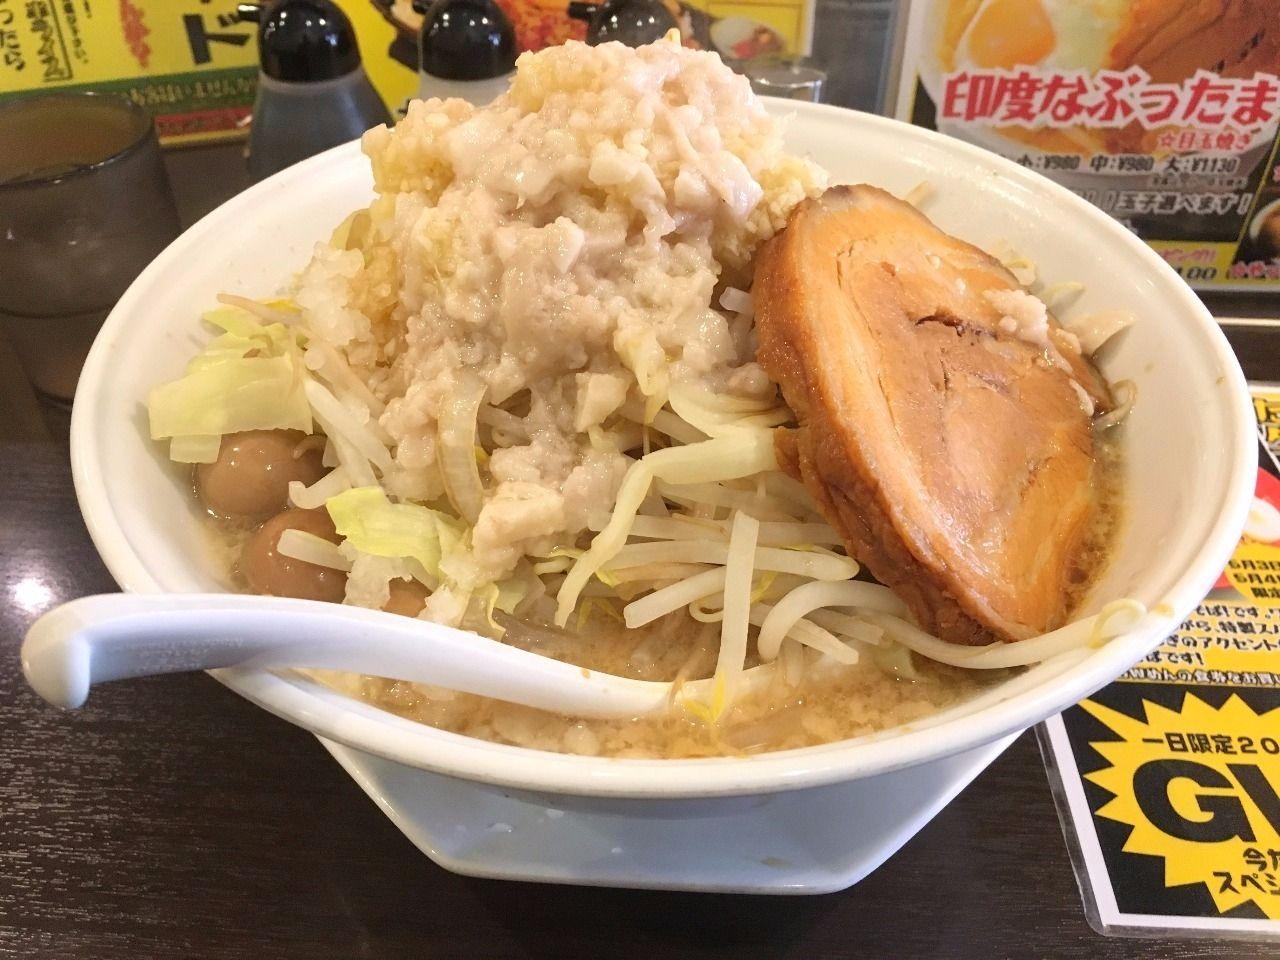 北越谷のガツ盛りラーメンみちる屋・豚玉みちるめん!!